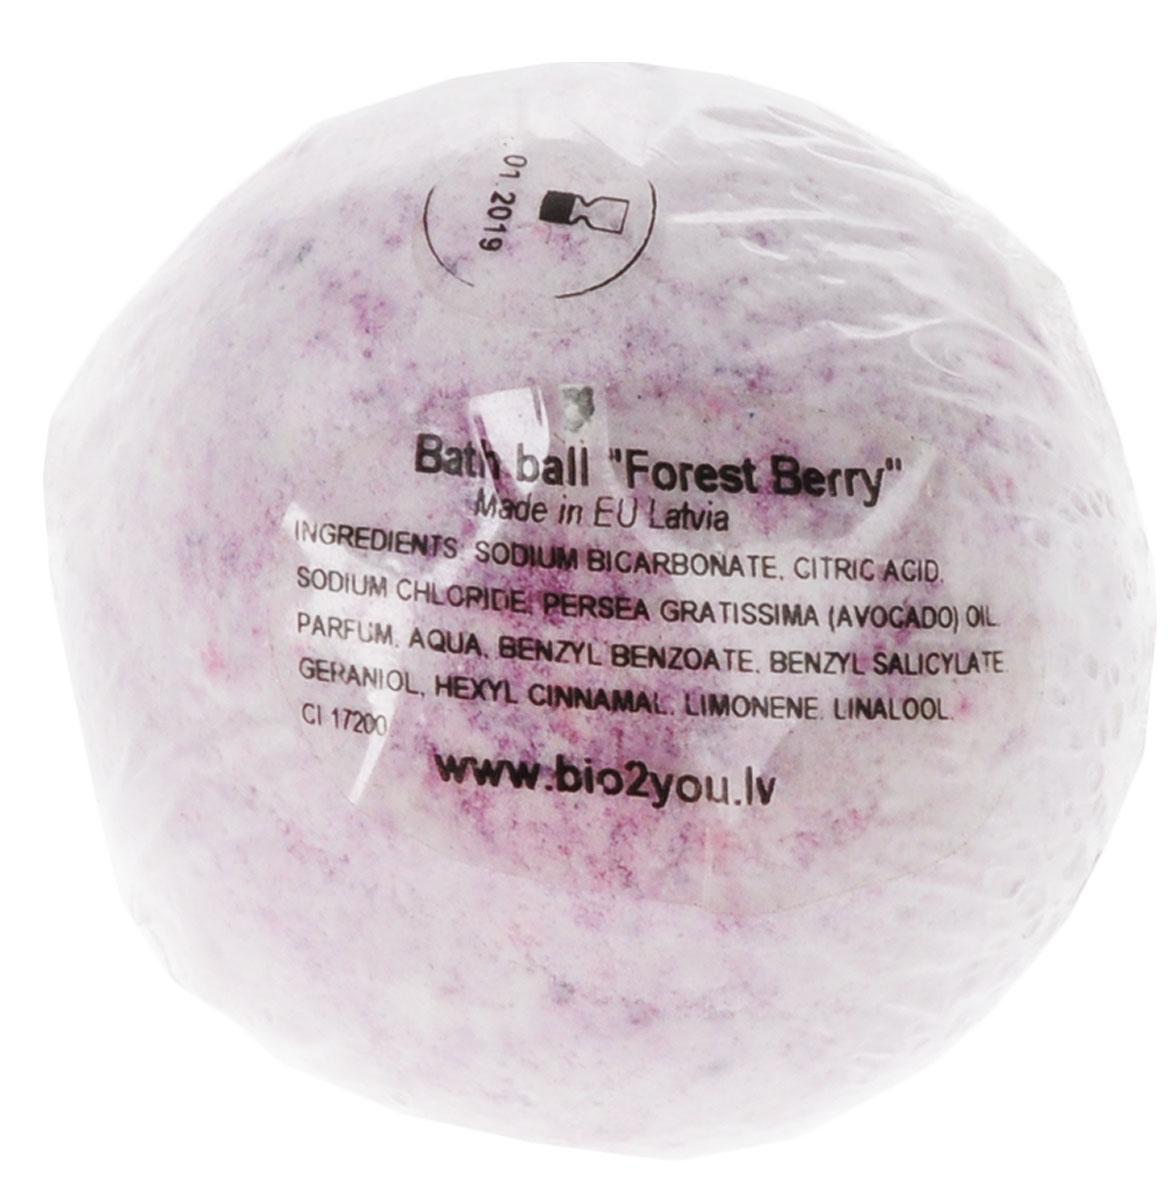 BIO2You Шарик для ванны Лесная ягода, 125 г963153В составе шариков для ванны: масло авокадо – питает кожу, снимает раздражения и стимулирует выработку коллагена, который придает упругость коже и предотвращает ее преждевременное старение. Масло авокадо проникает глубоко в кожу, что делает его незаменимым средством по уходу.